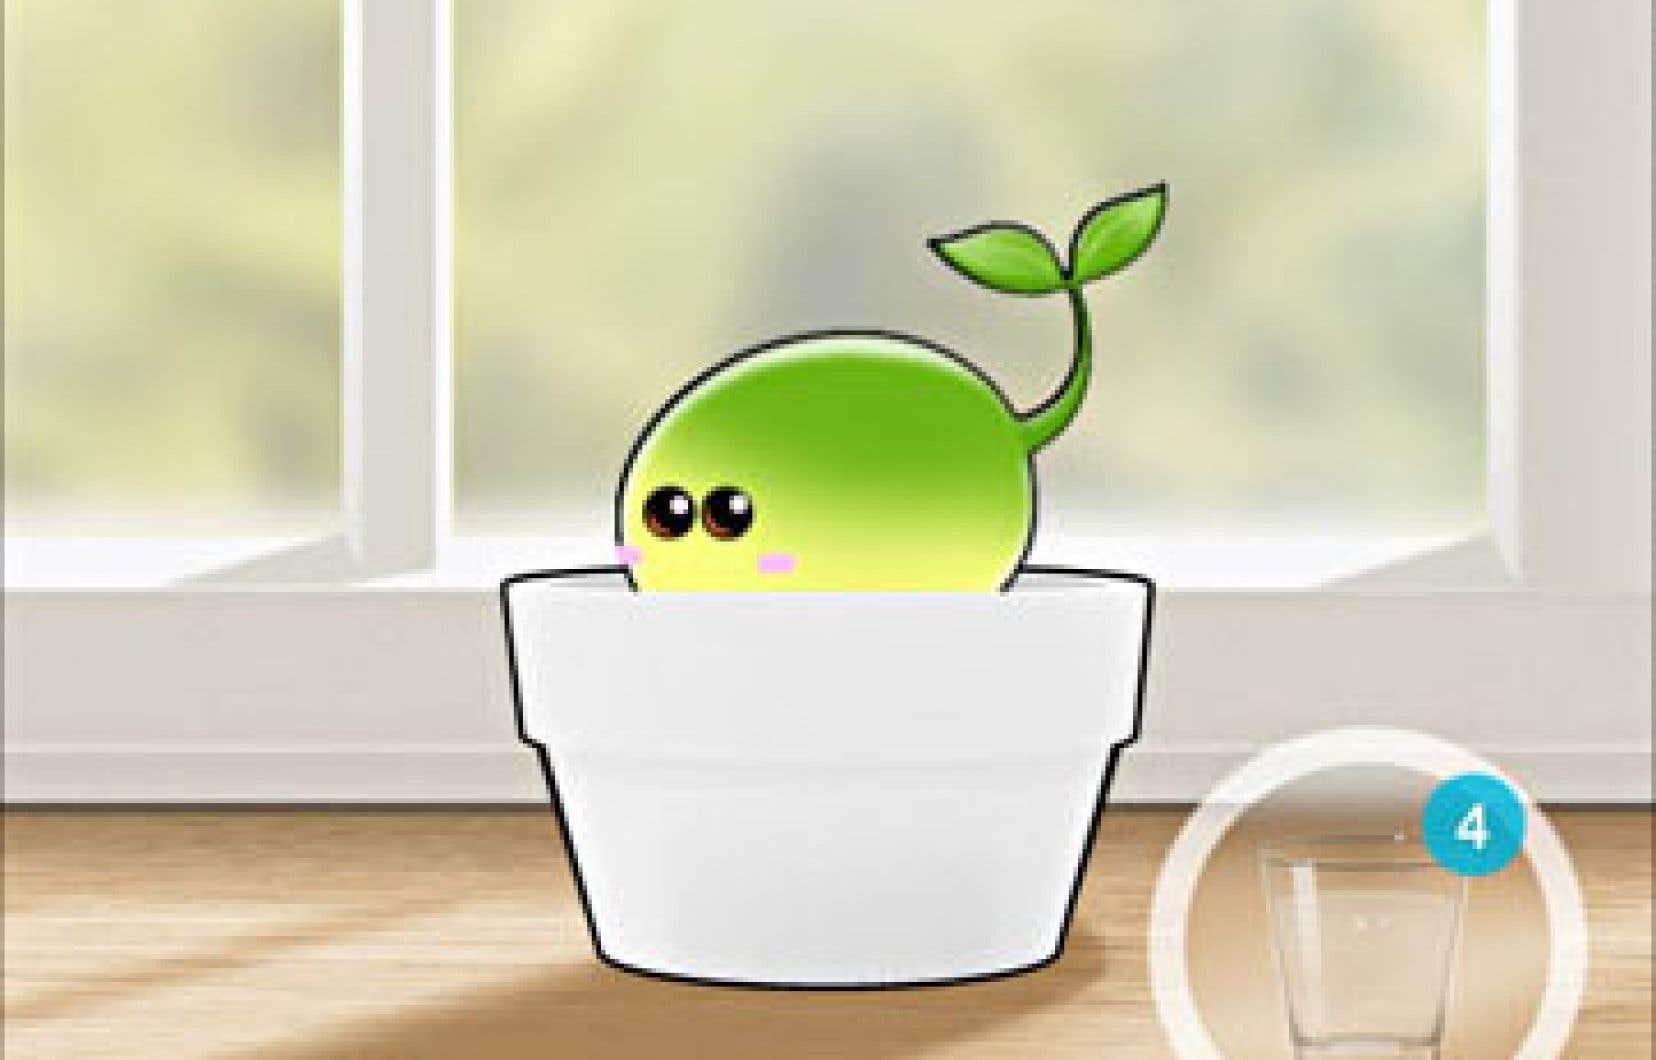 L'application Plant Nanny s'est donné la mission non seulement de rappeler à ses usagers qu'ils devraient boire de l'eau tout au long de la journée, mais aussi de rendre cela amusant.